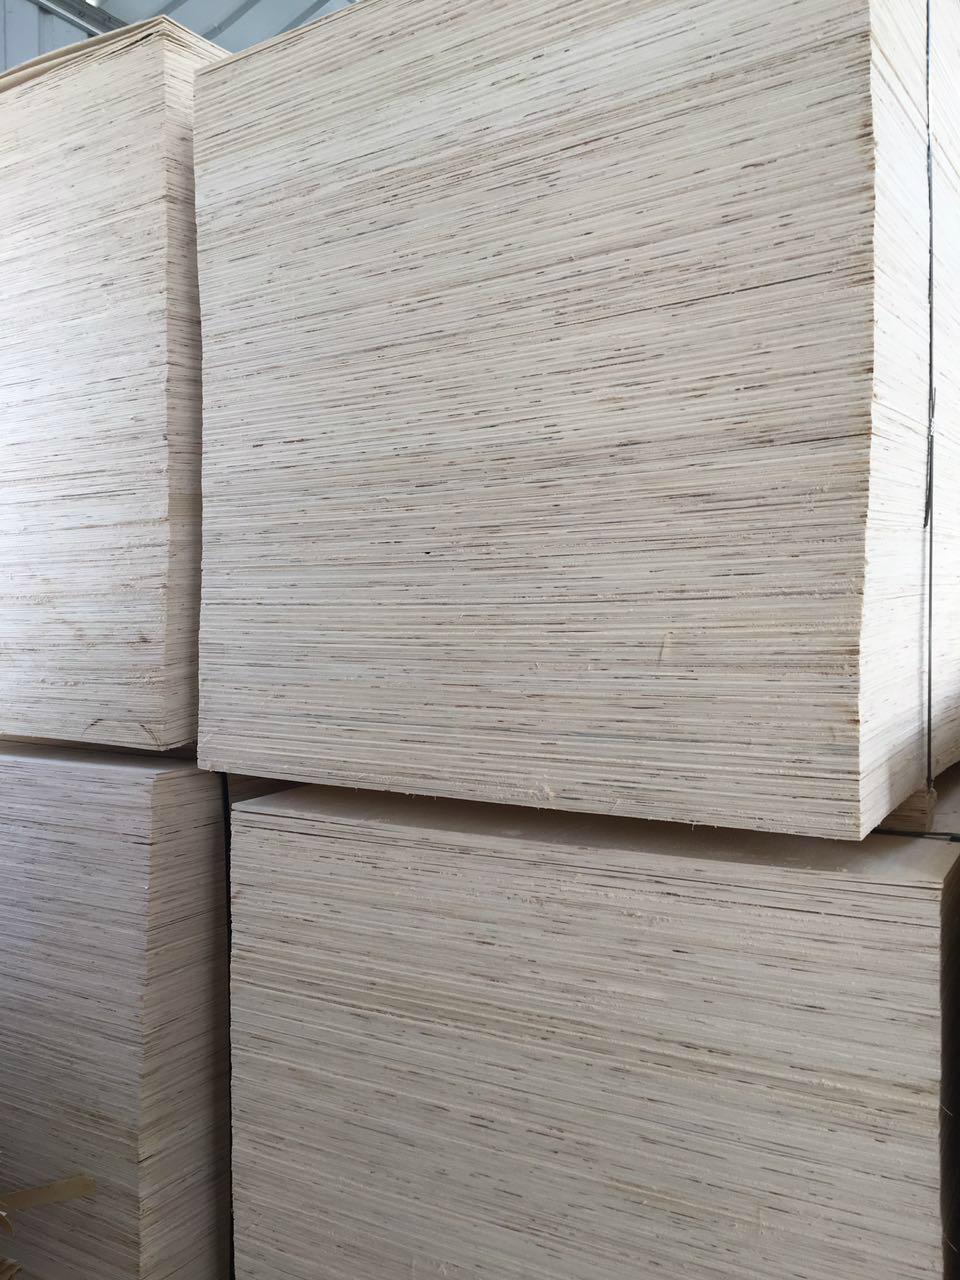 提供优质胶合板多层板桃花芯板 2